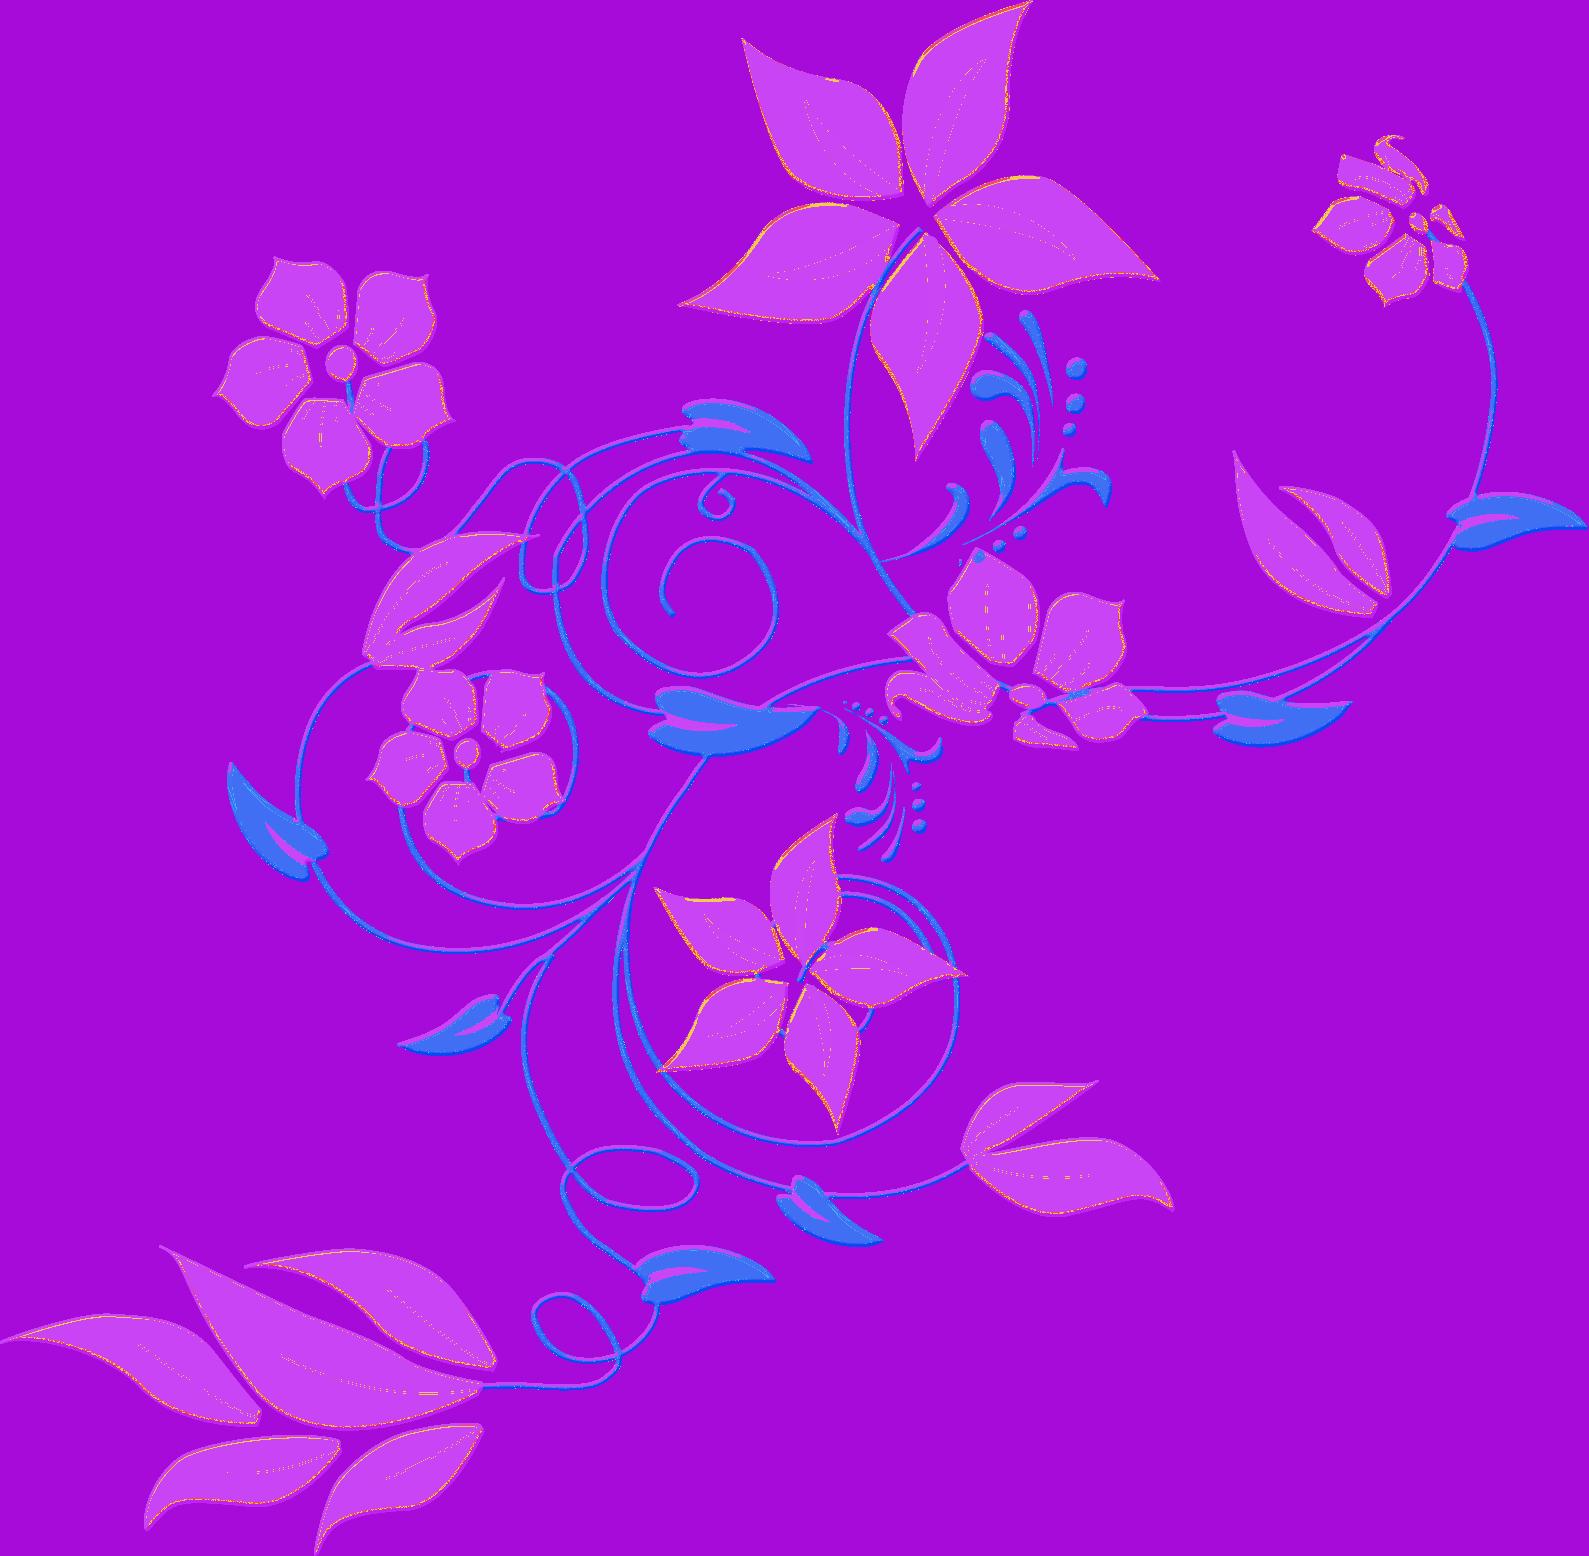 flower 75 image vector clip art online royalty free public rh pinterest co uk free images public domain clipart copyright free clipart public domain